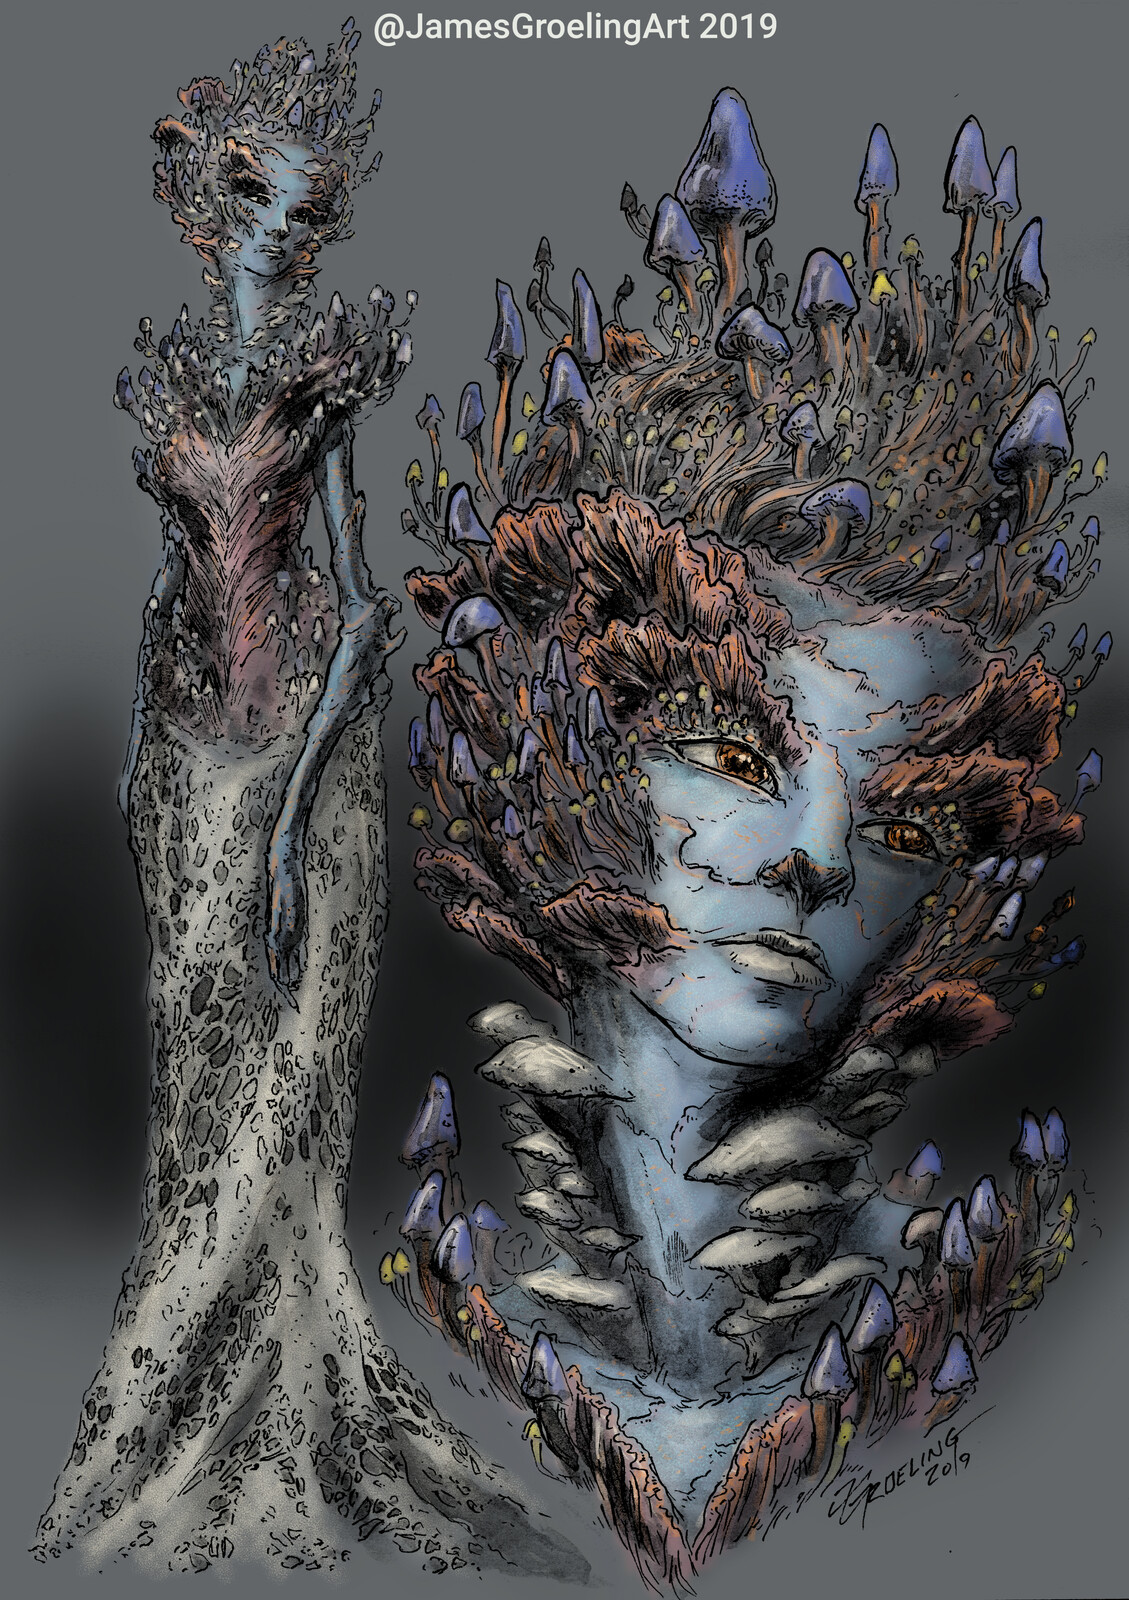 Fungal Queen - Concept Art